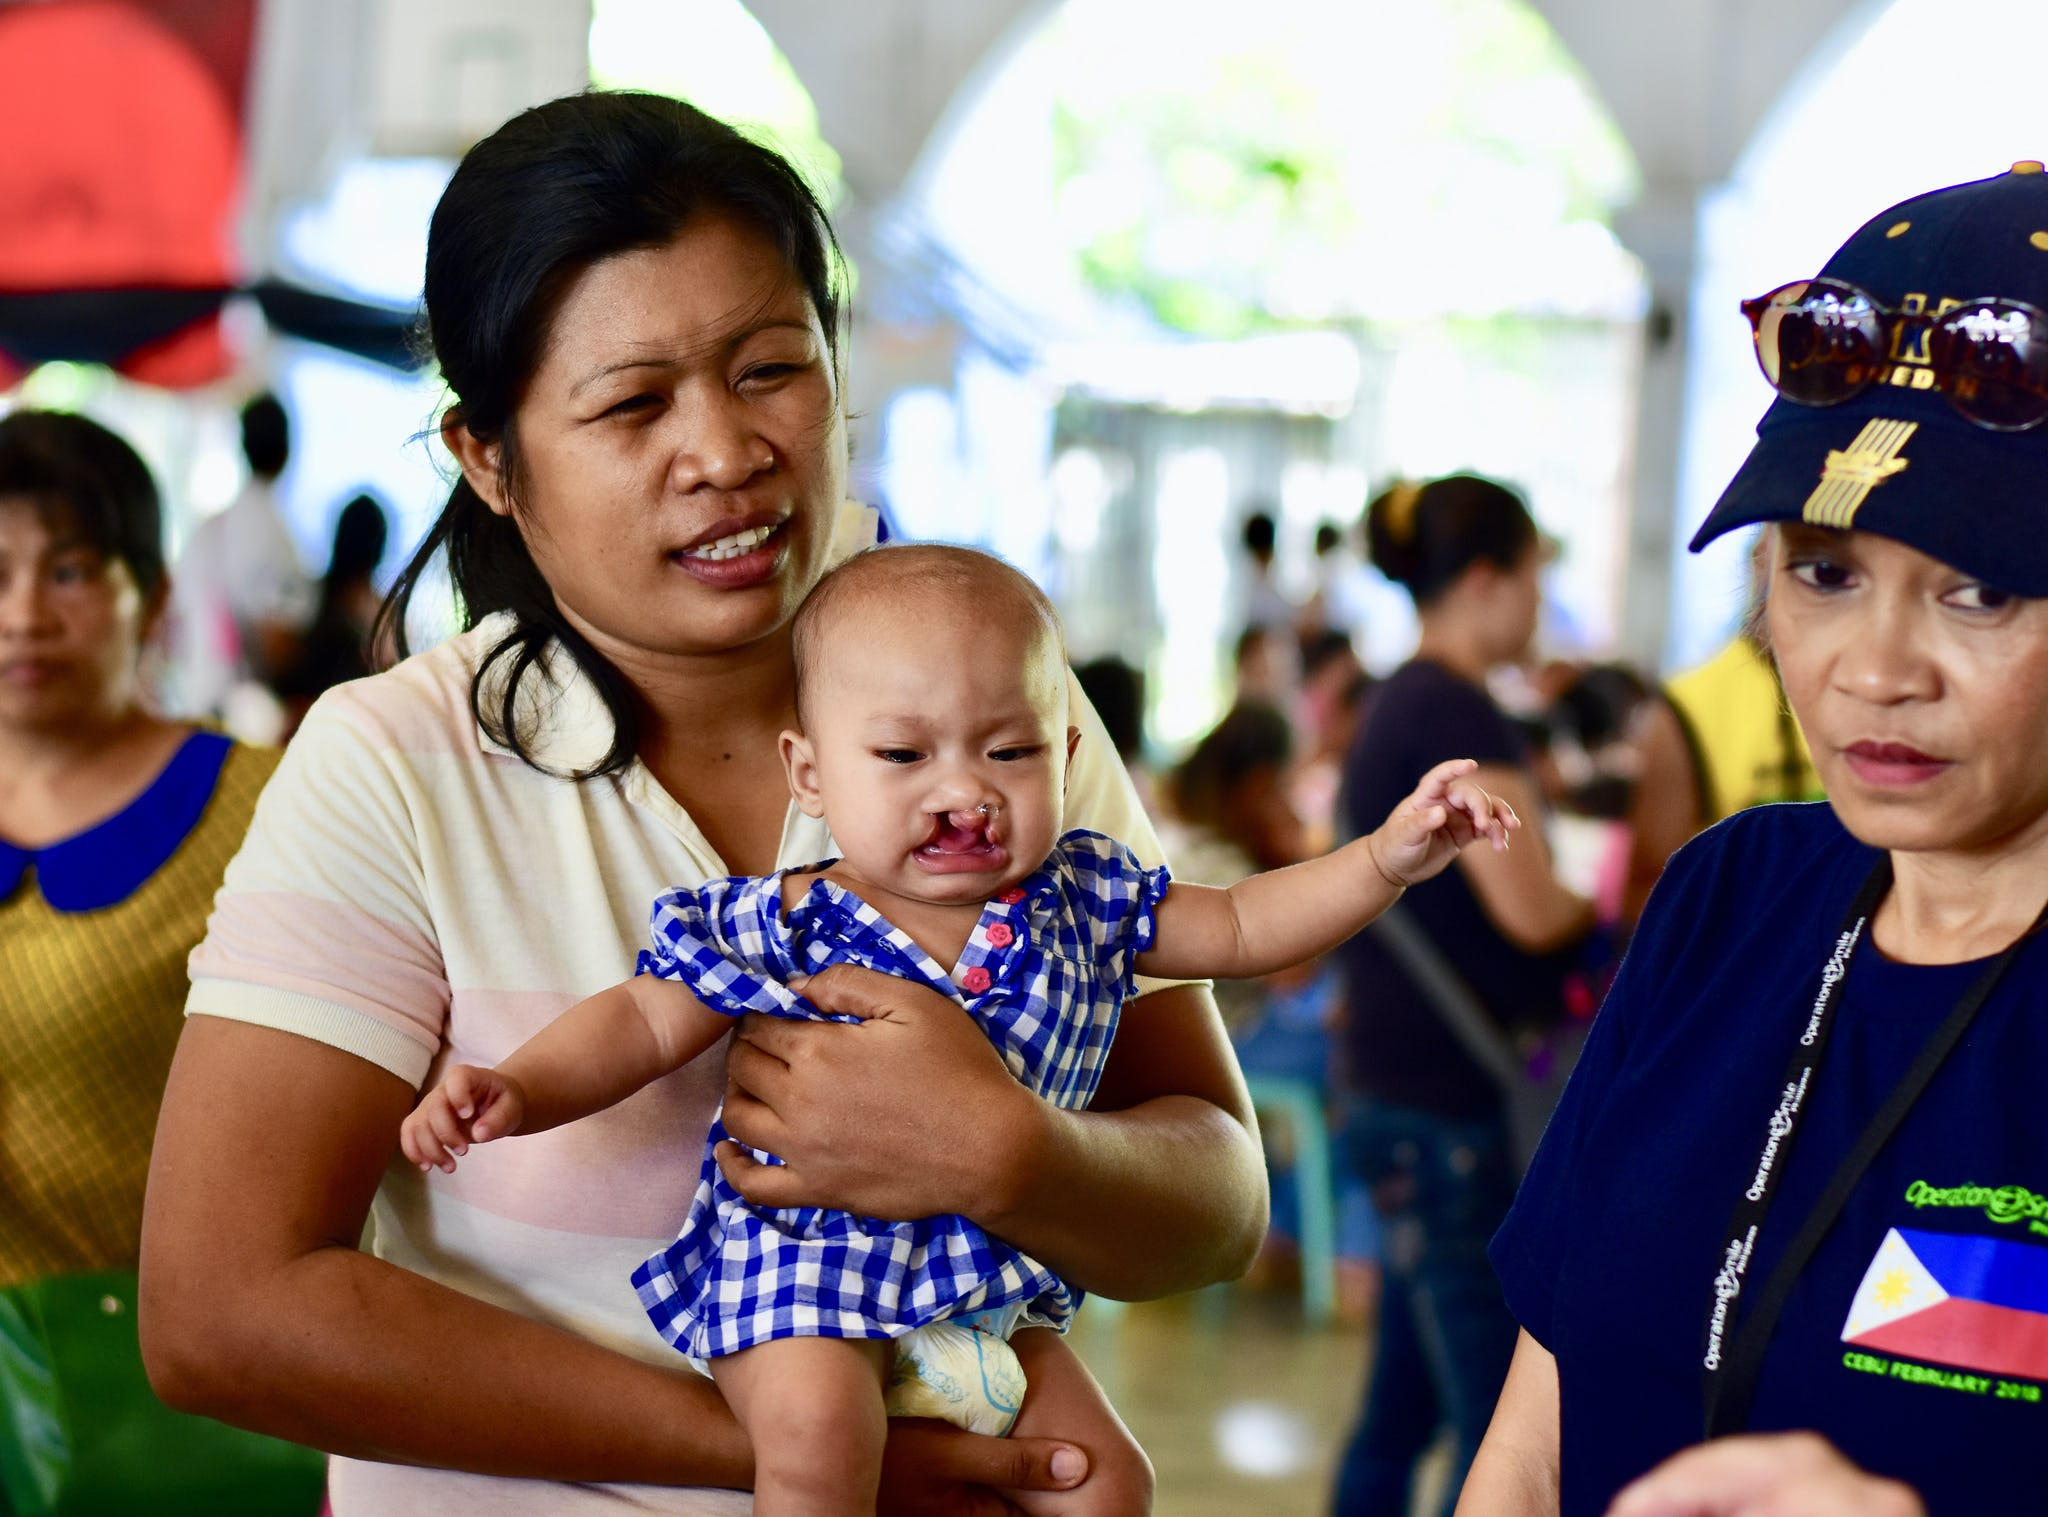 gråtande bebis med läppspalt